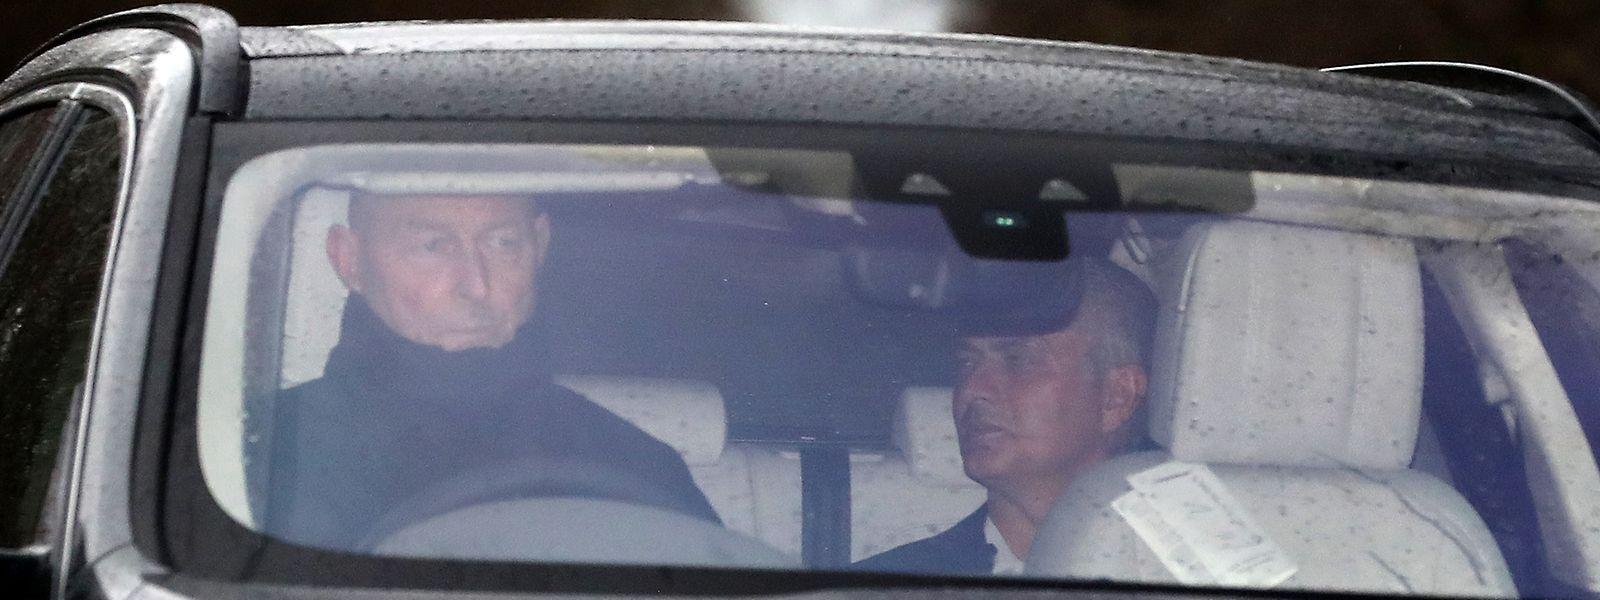 Na terça-feira, o Manchester United anunciou a saída de José Mourinho após duas épocas e meia no clube.